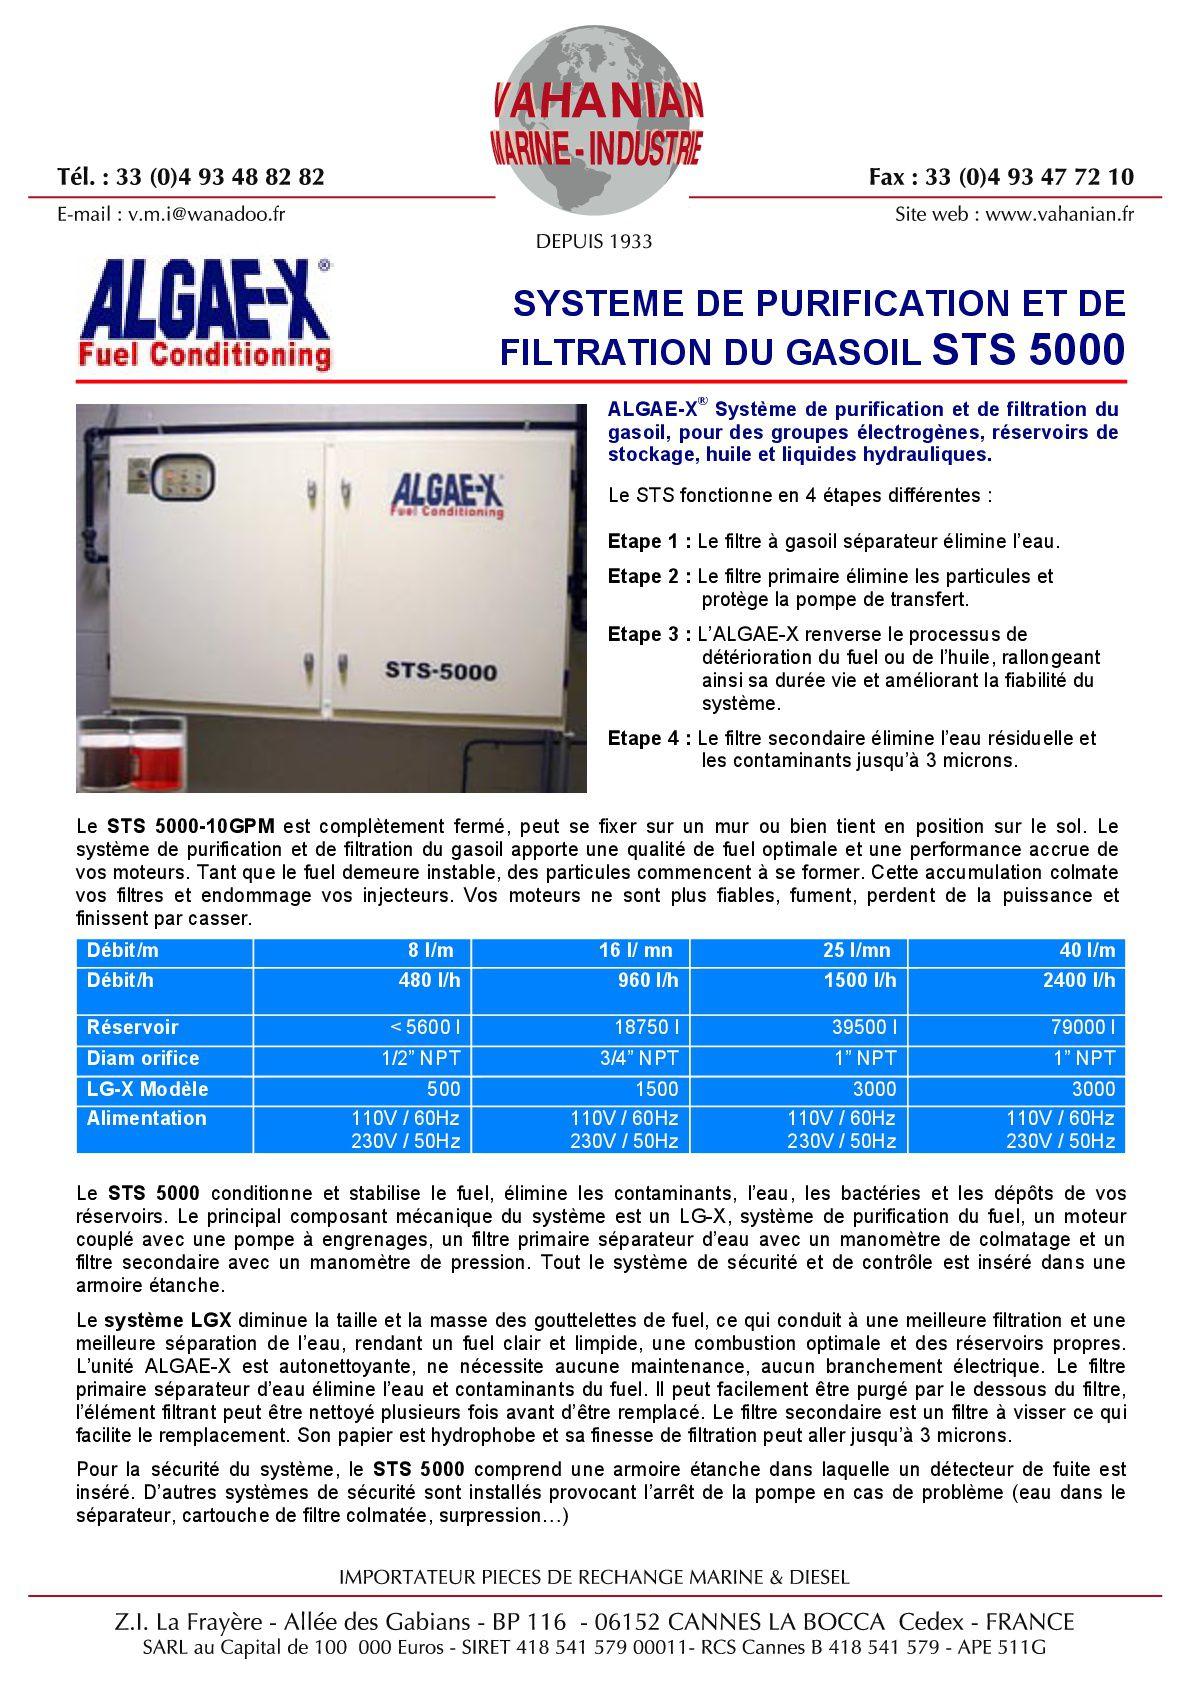 Document sur le système de purification de carburant Algae-x.